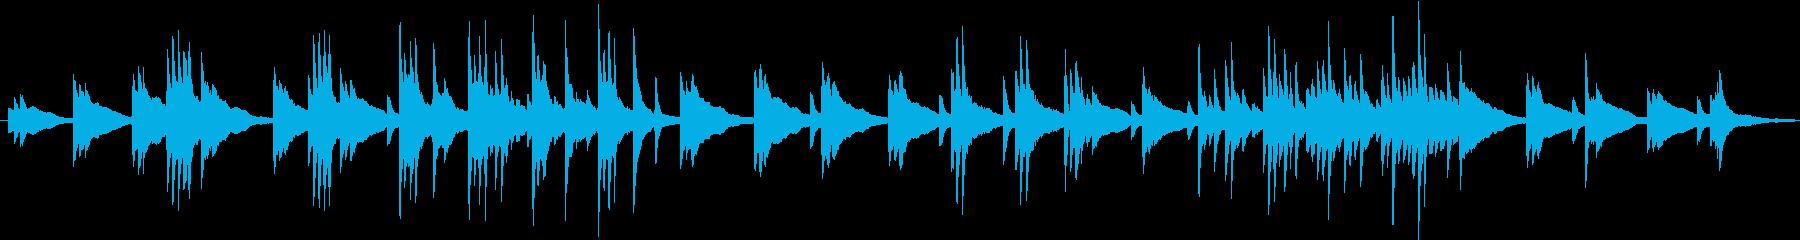 ぼーっと考えこむピアノ曲の再生済みの波形